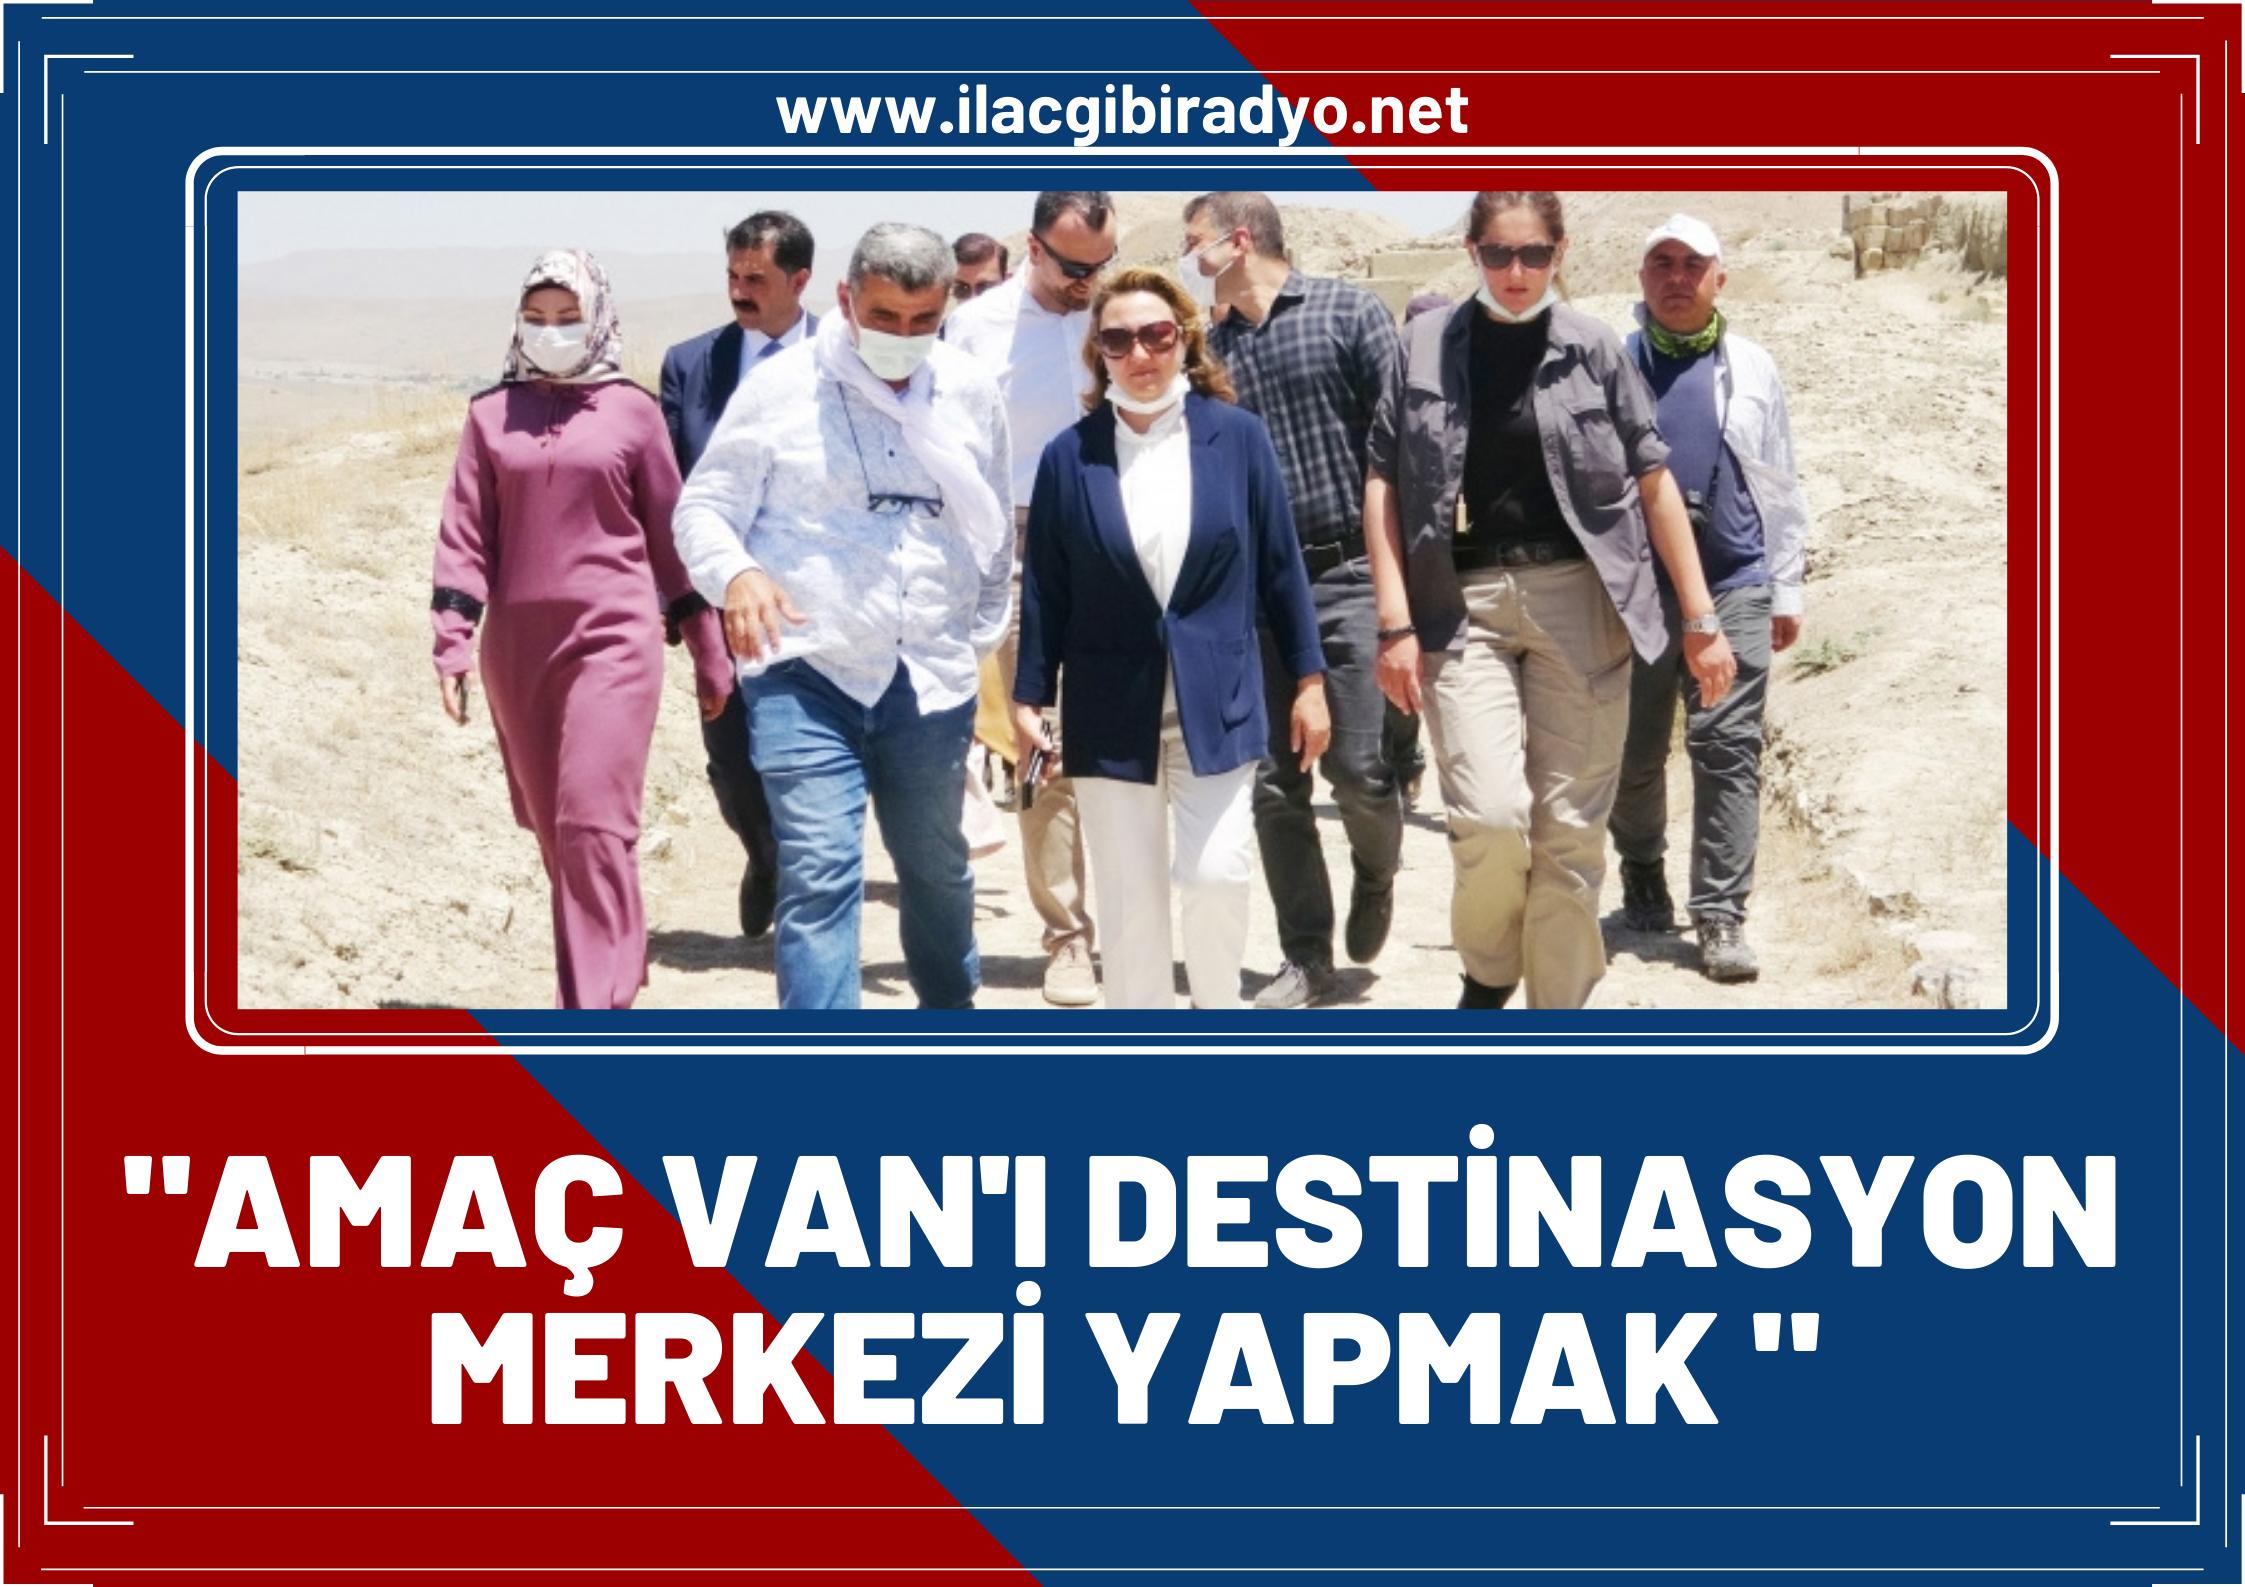 """Bakan Yardımcısı Yavuz: """"Van'ı turizm açısından büyük bir destinasyon haline getirmeyi amaçlıyoruz"""""""